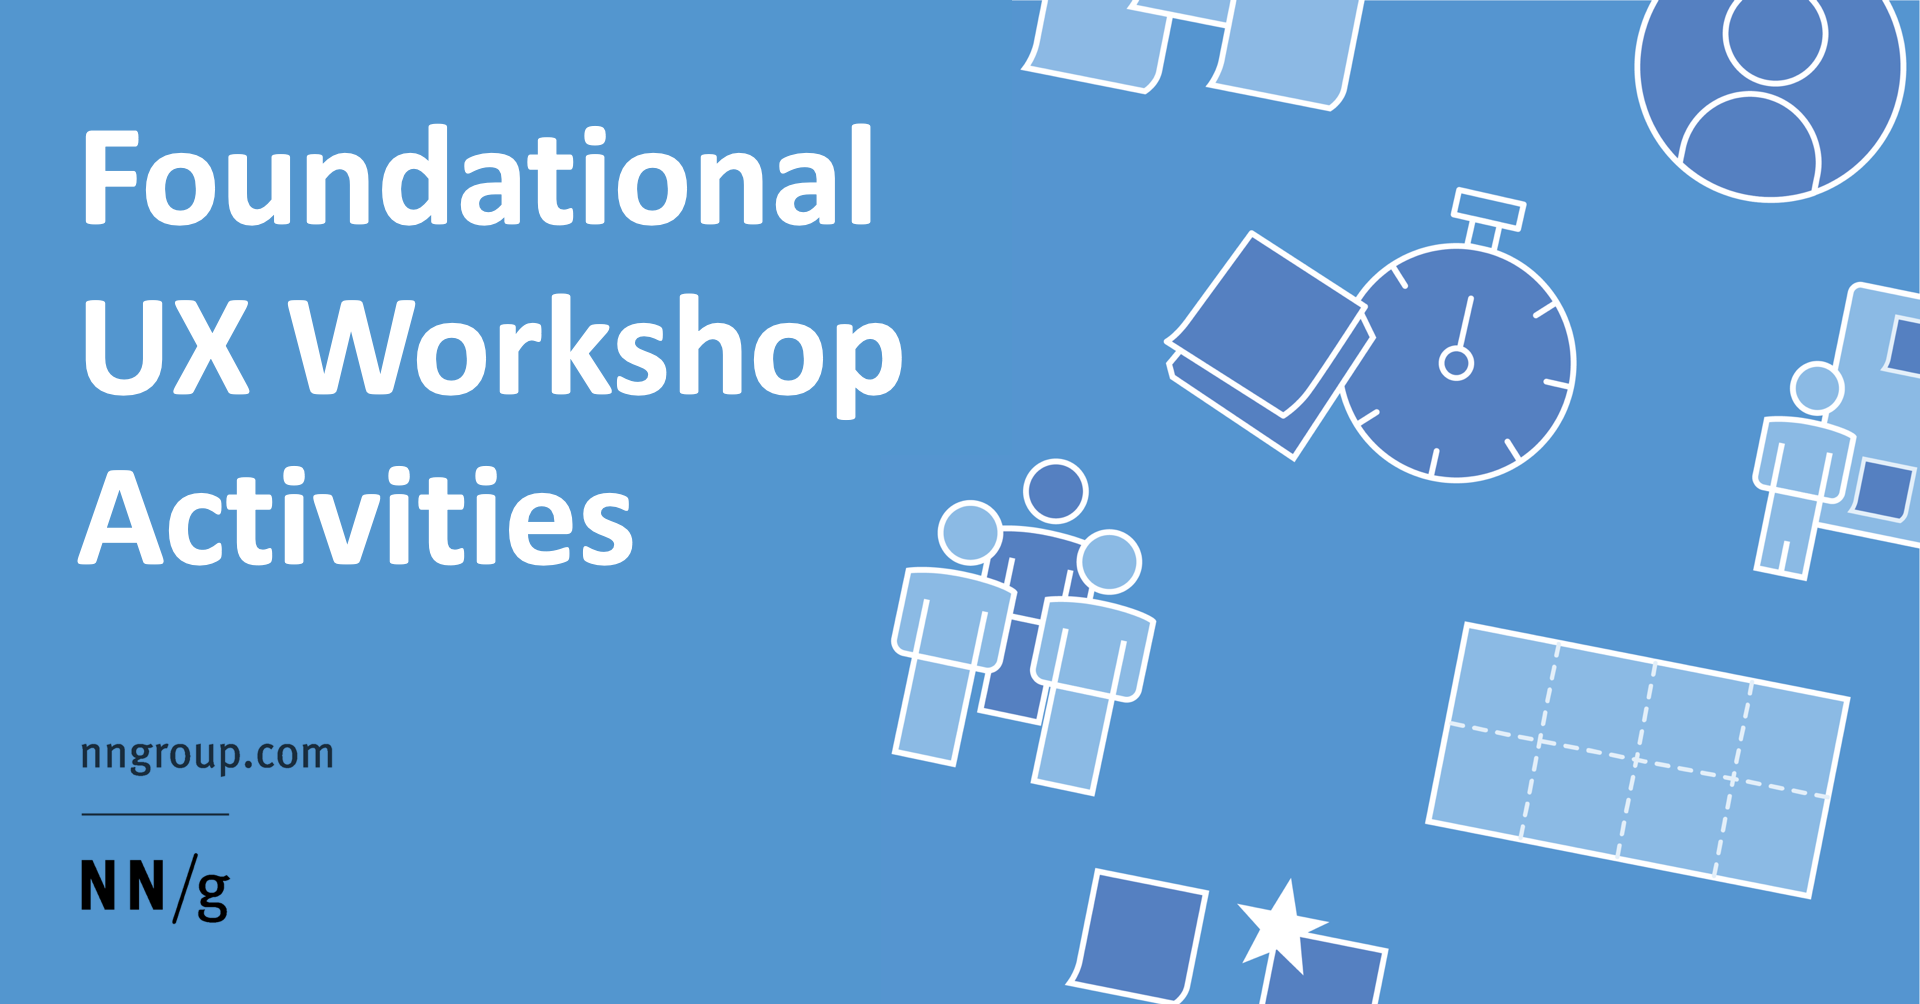 Foundational UX Workshop Activities